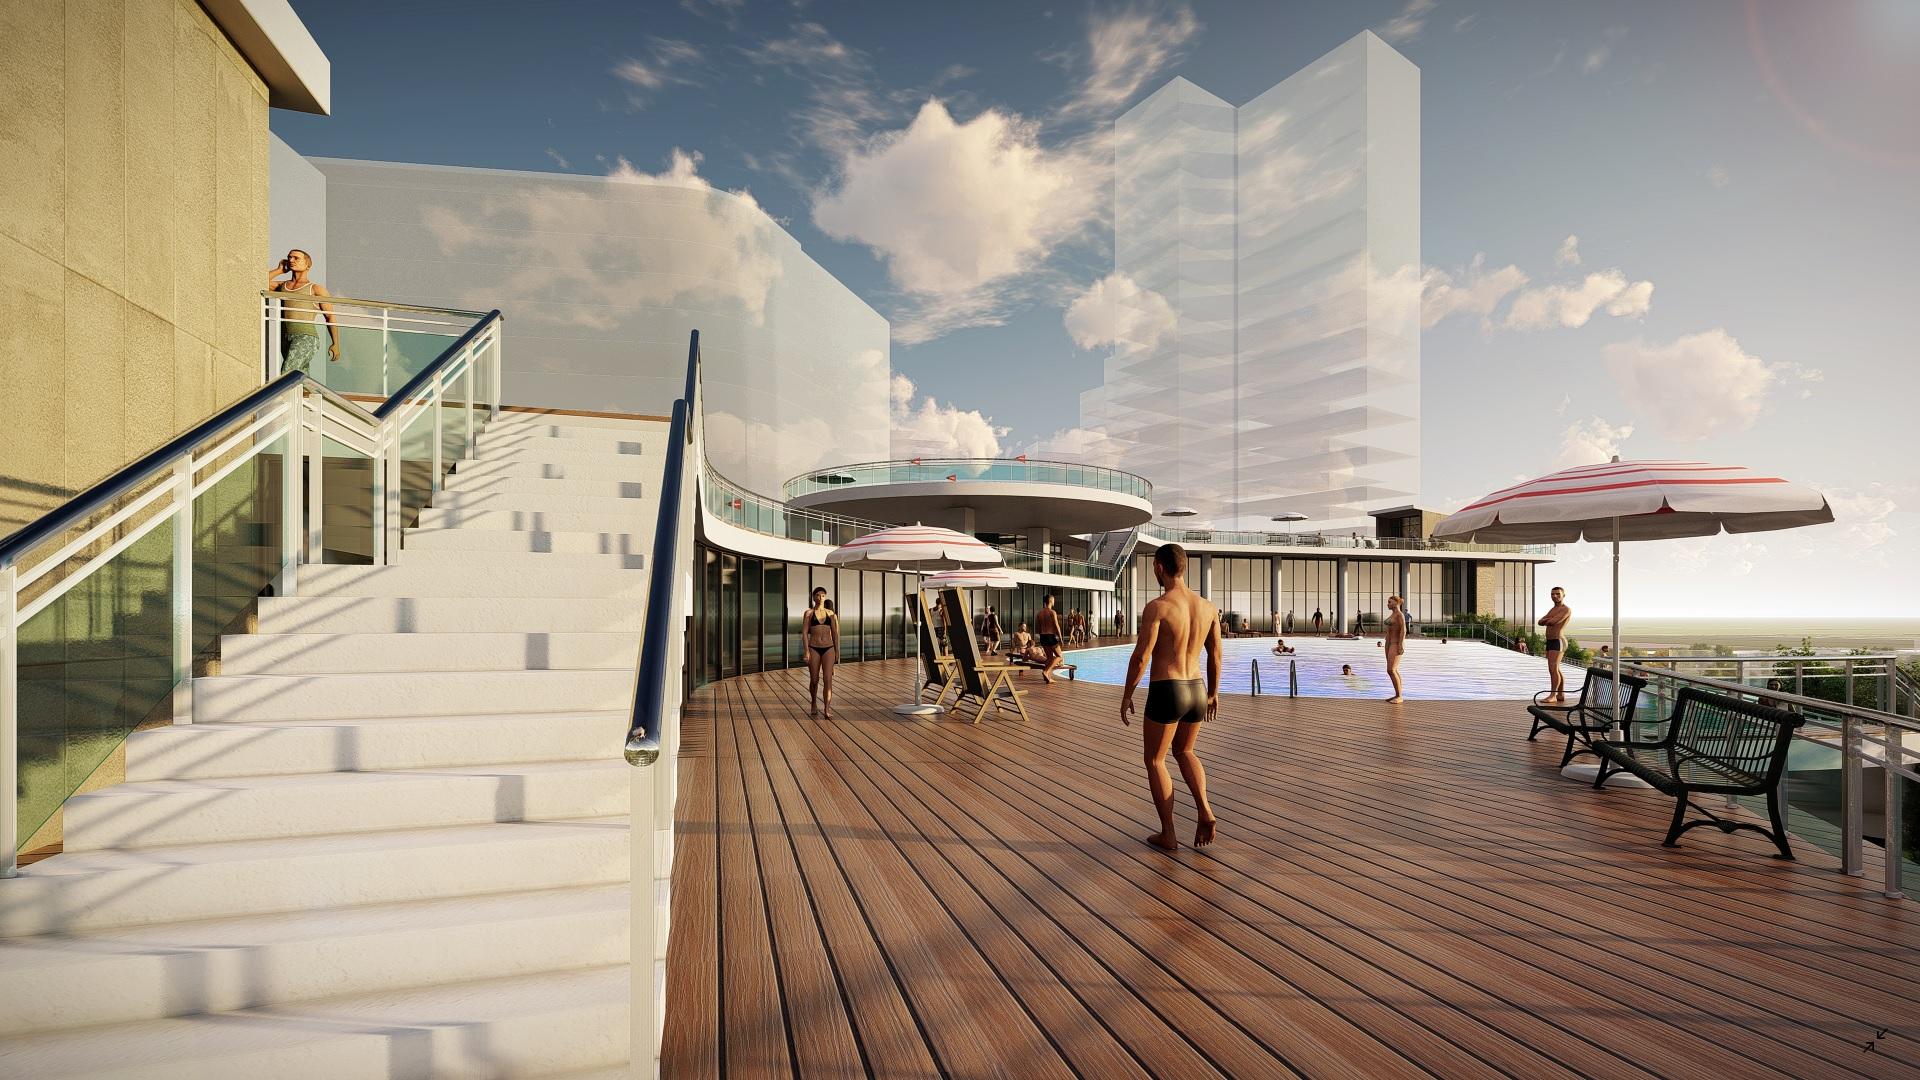 ho boi tran khach san park hyatt du an eco green saigon - Penthouse là gì? Tiêu chí của căn hộ Penthouse